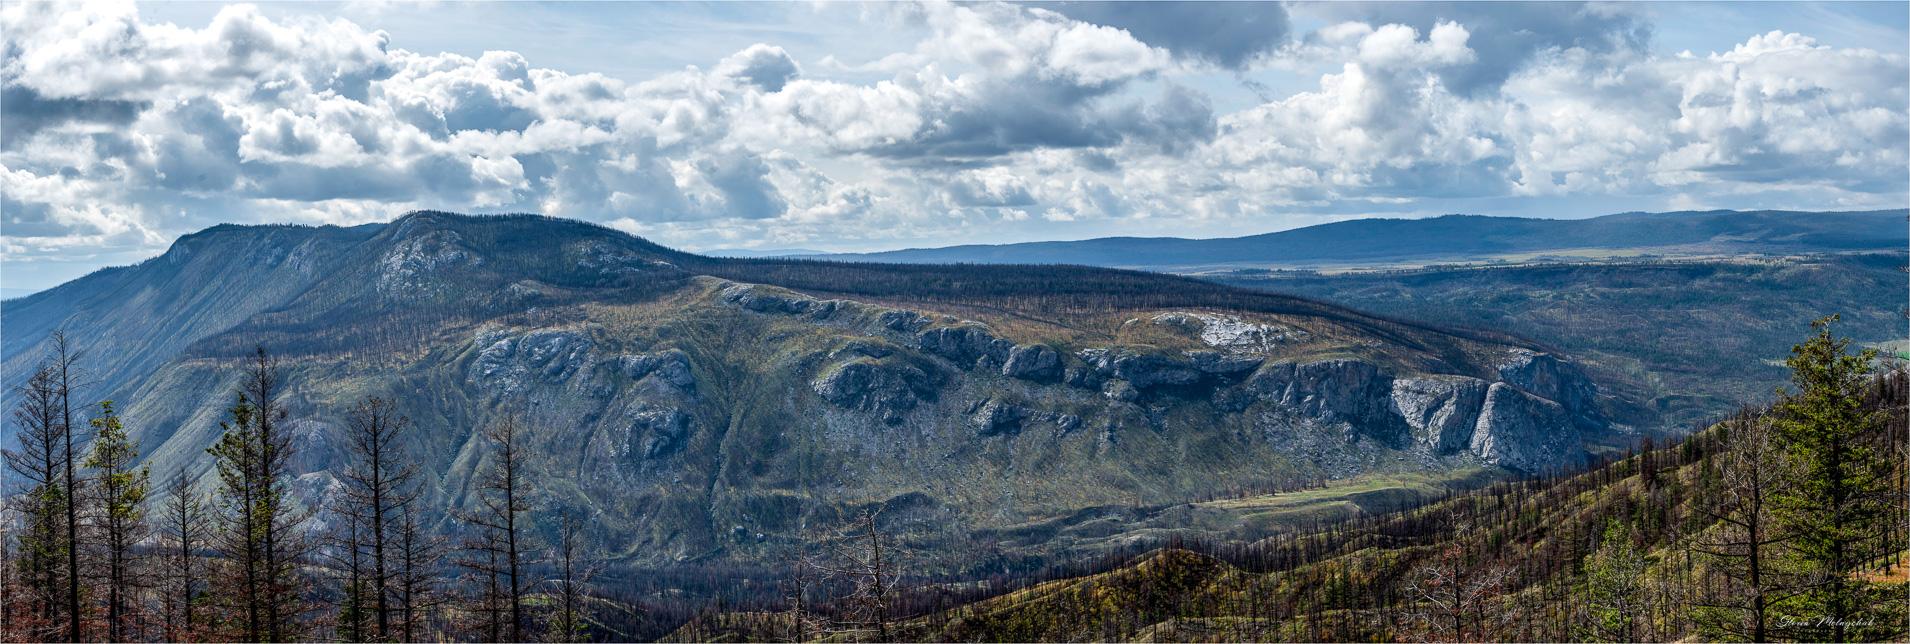 Nemaiah Valley